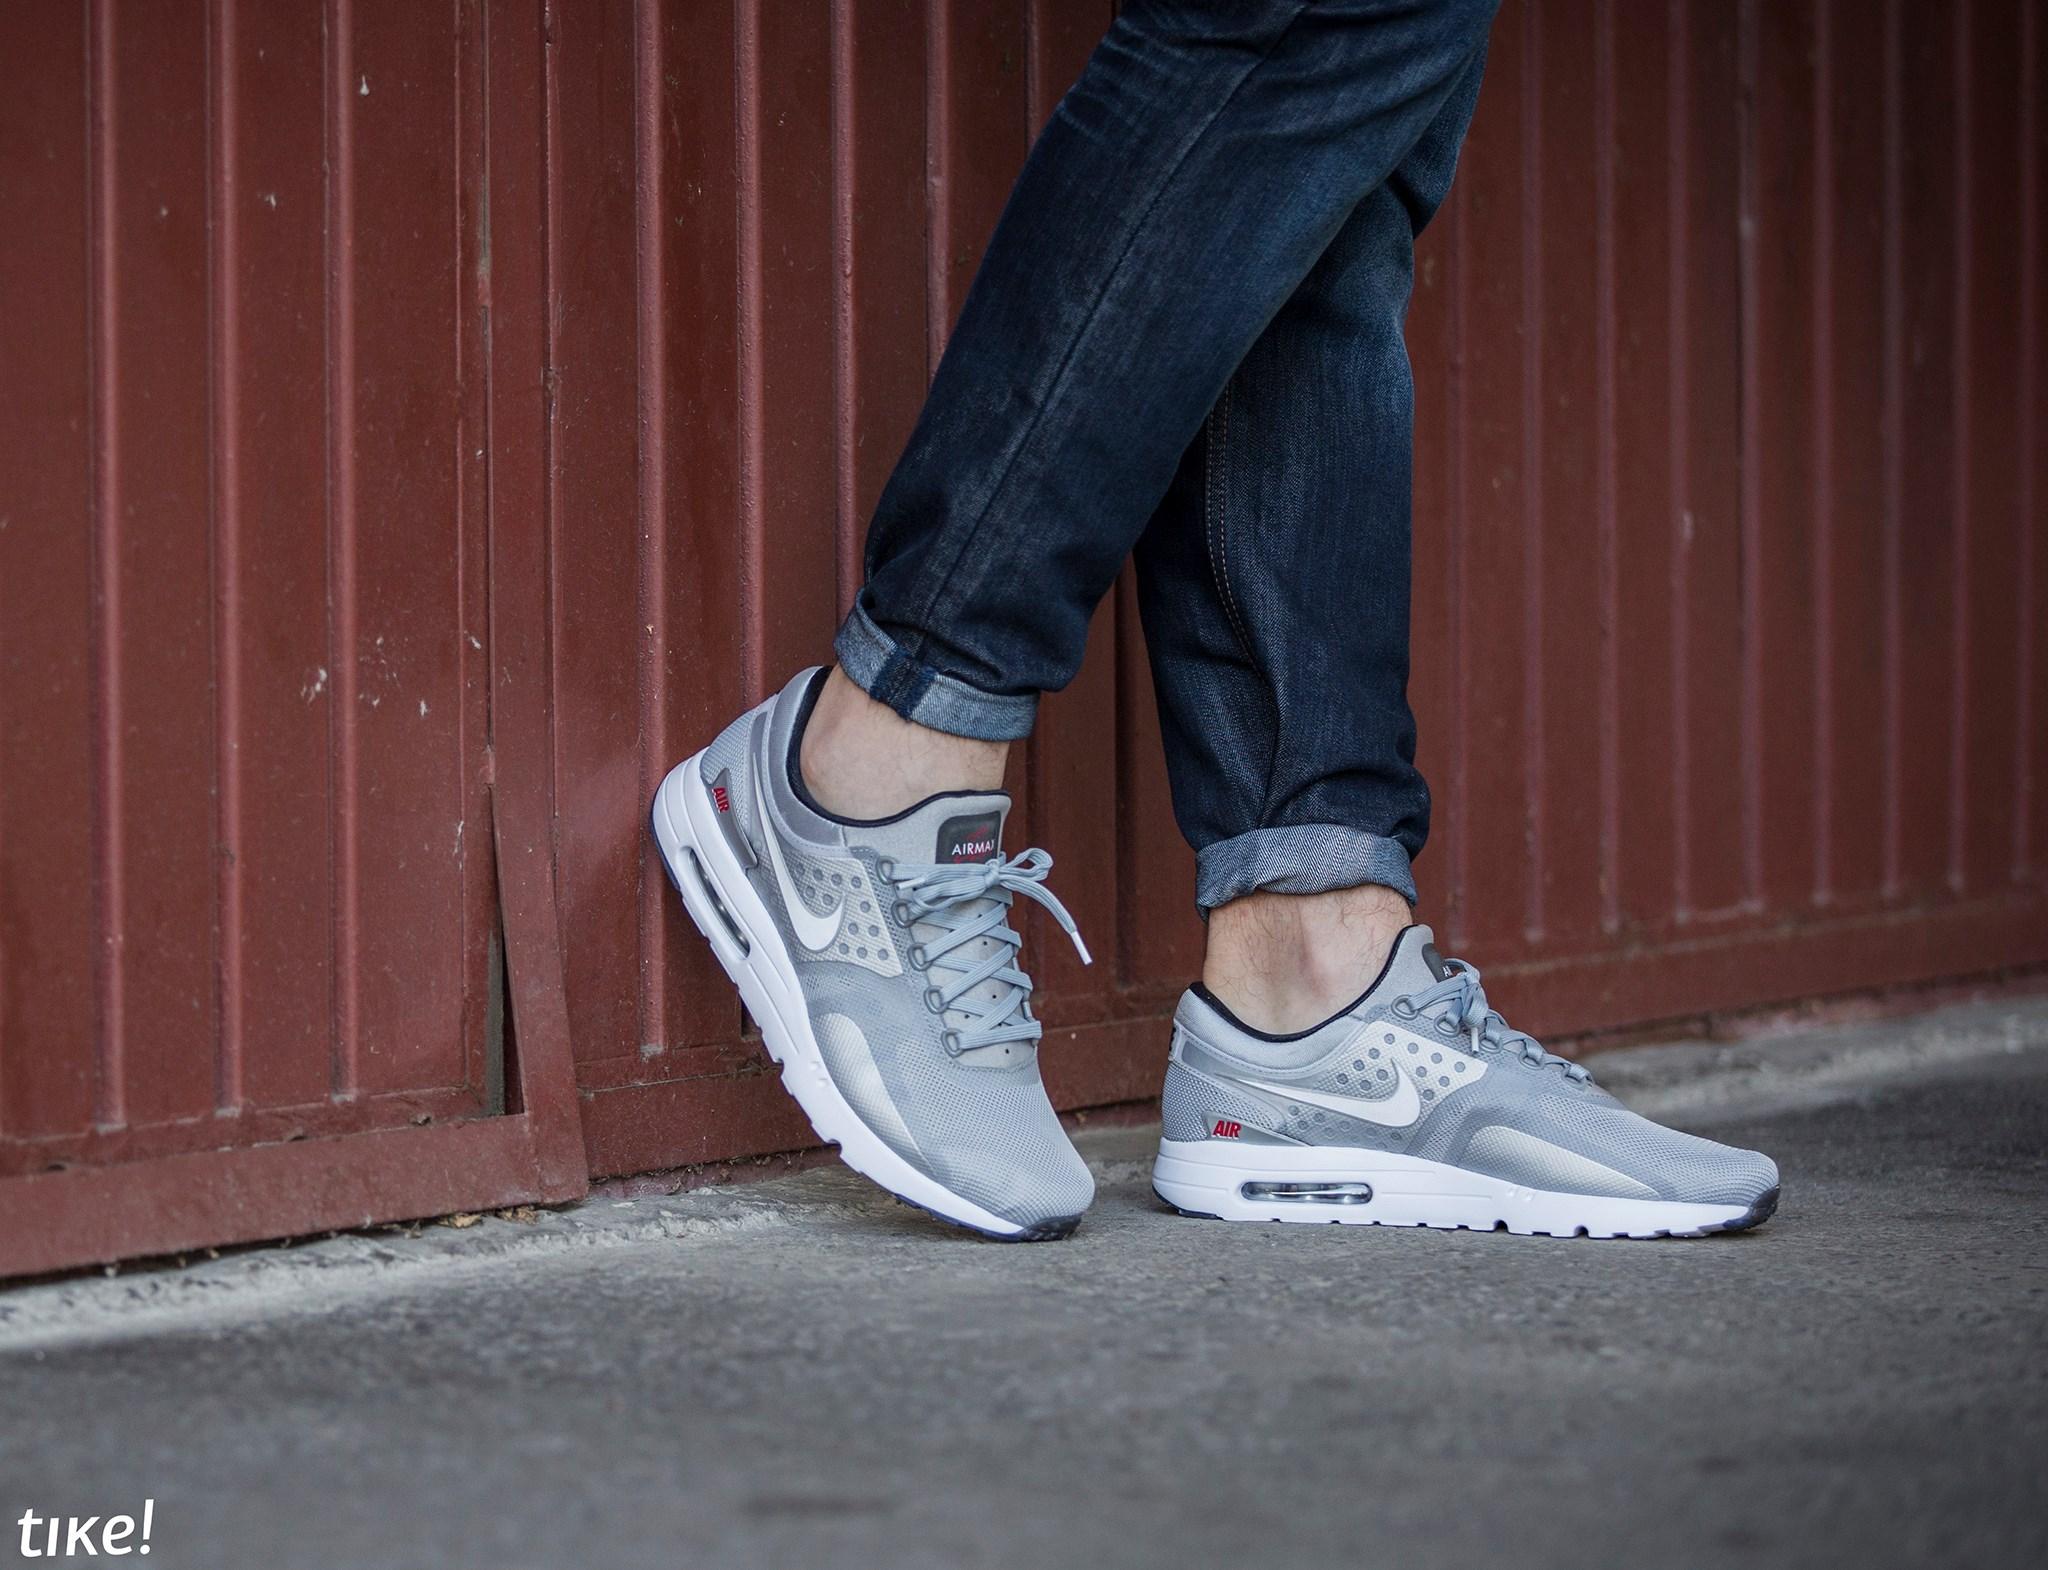 Nike Air Max ZERO QS Metallic Silver